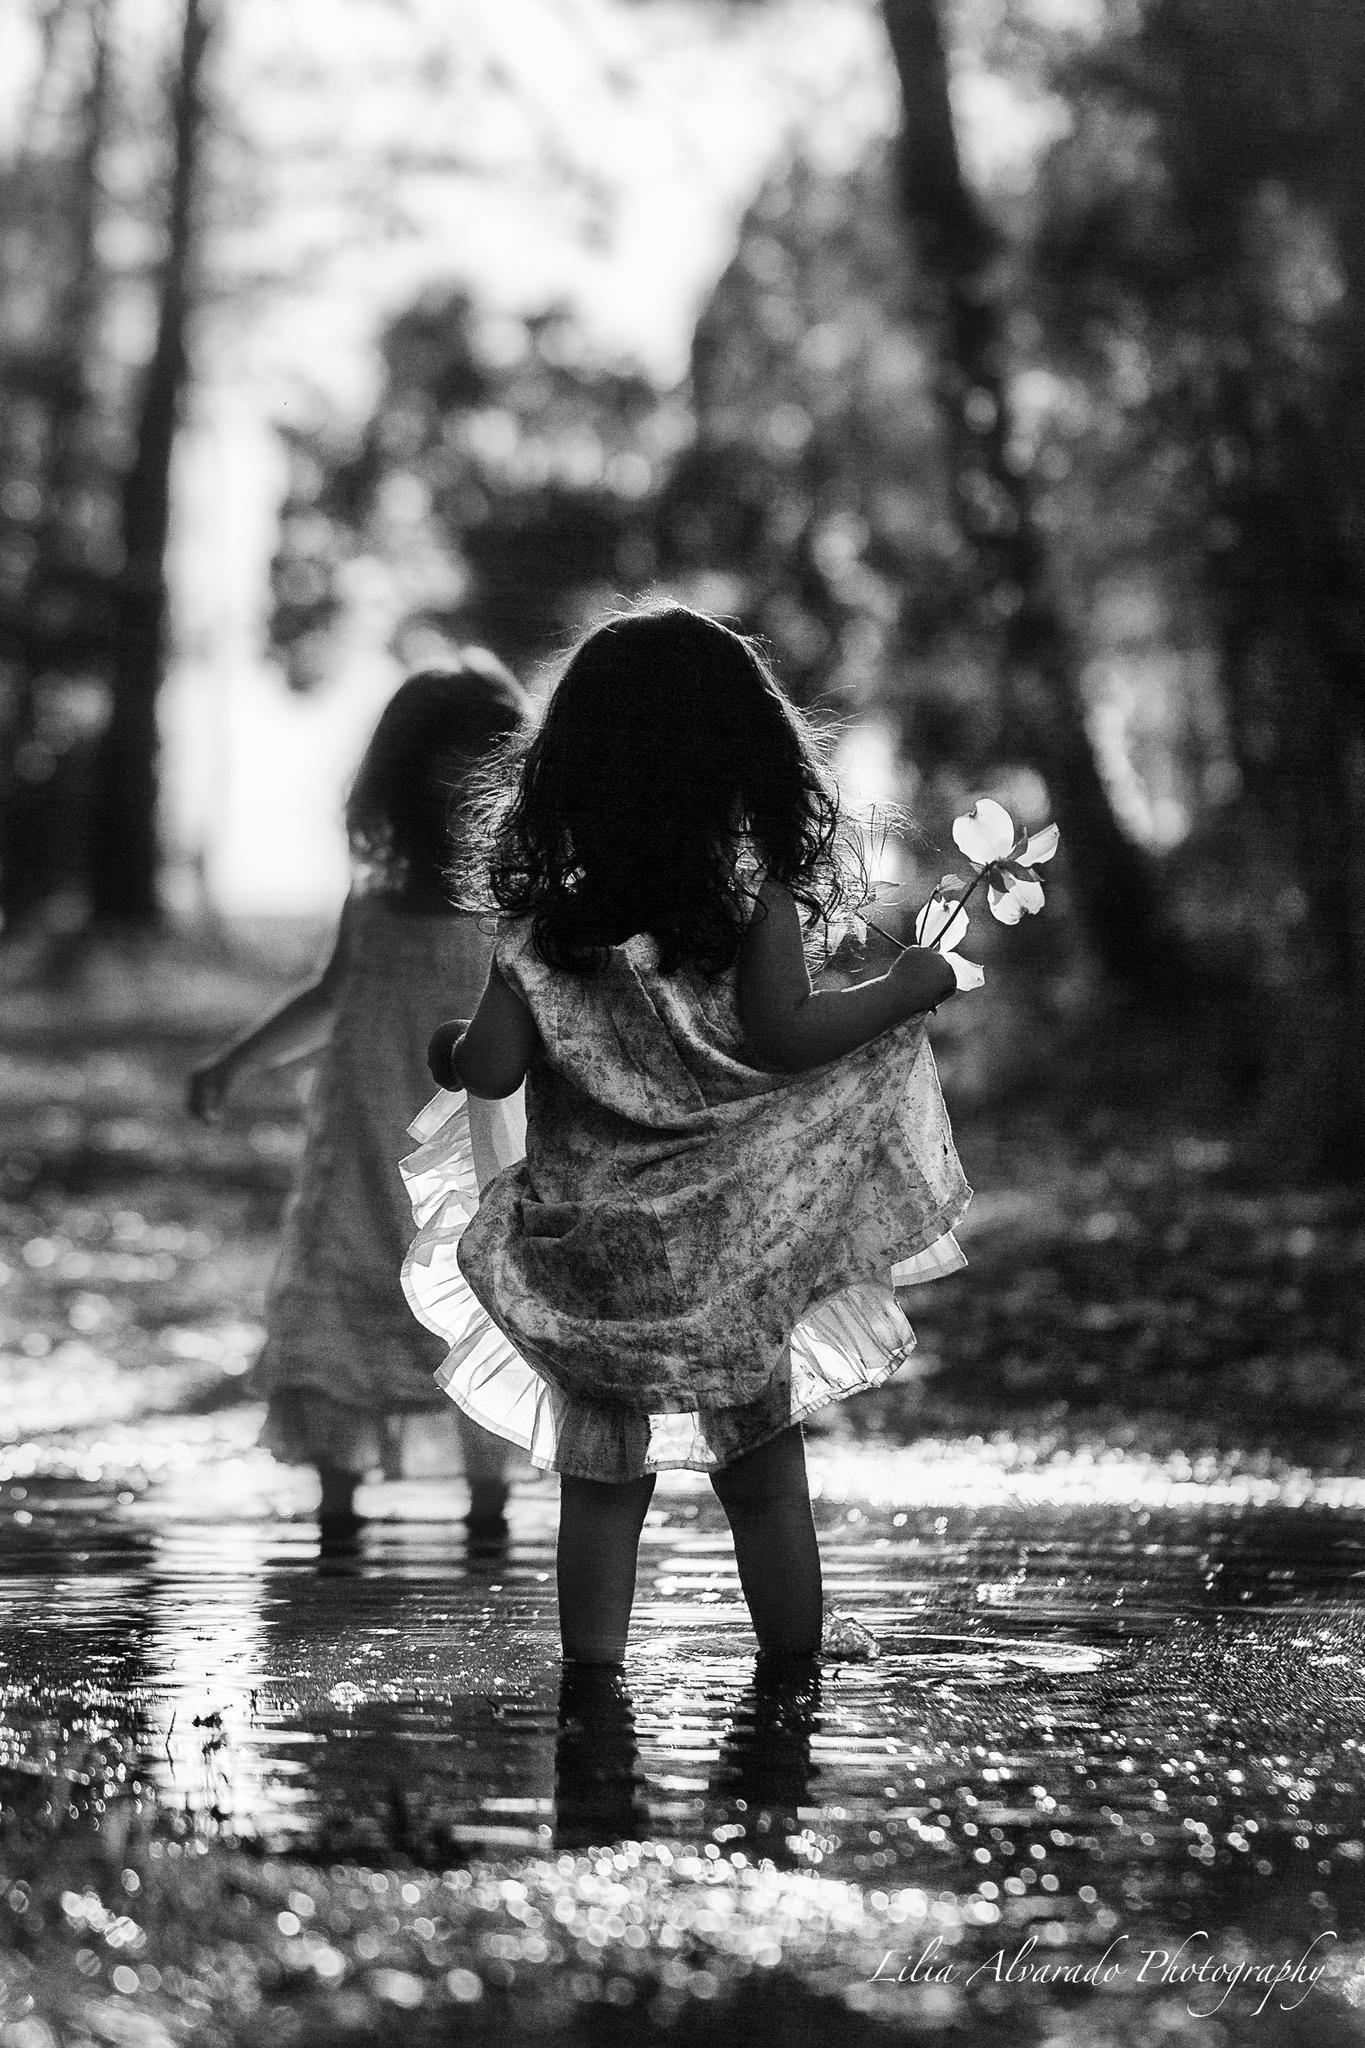 100 Génial Suggestions Photographie Noir Et Blanc Enfant